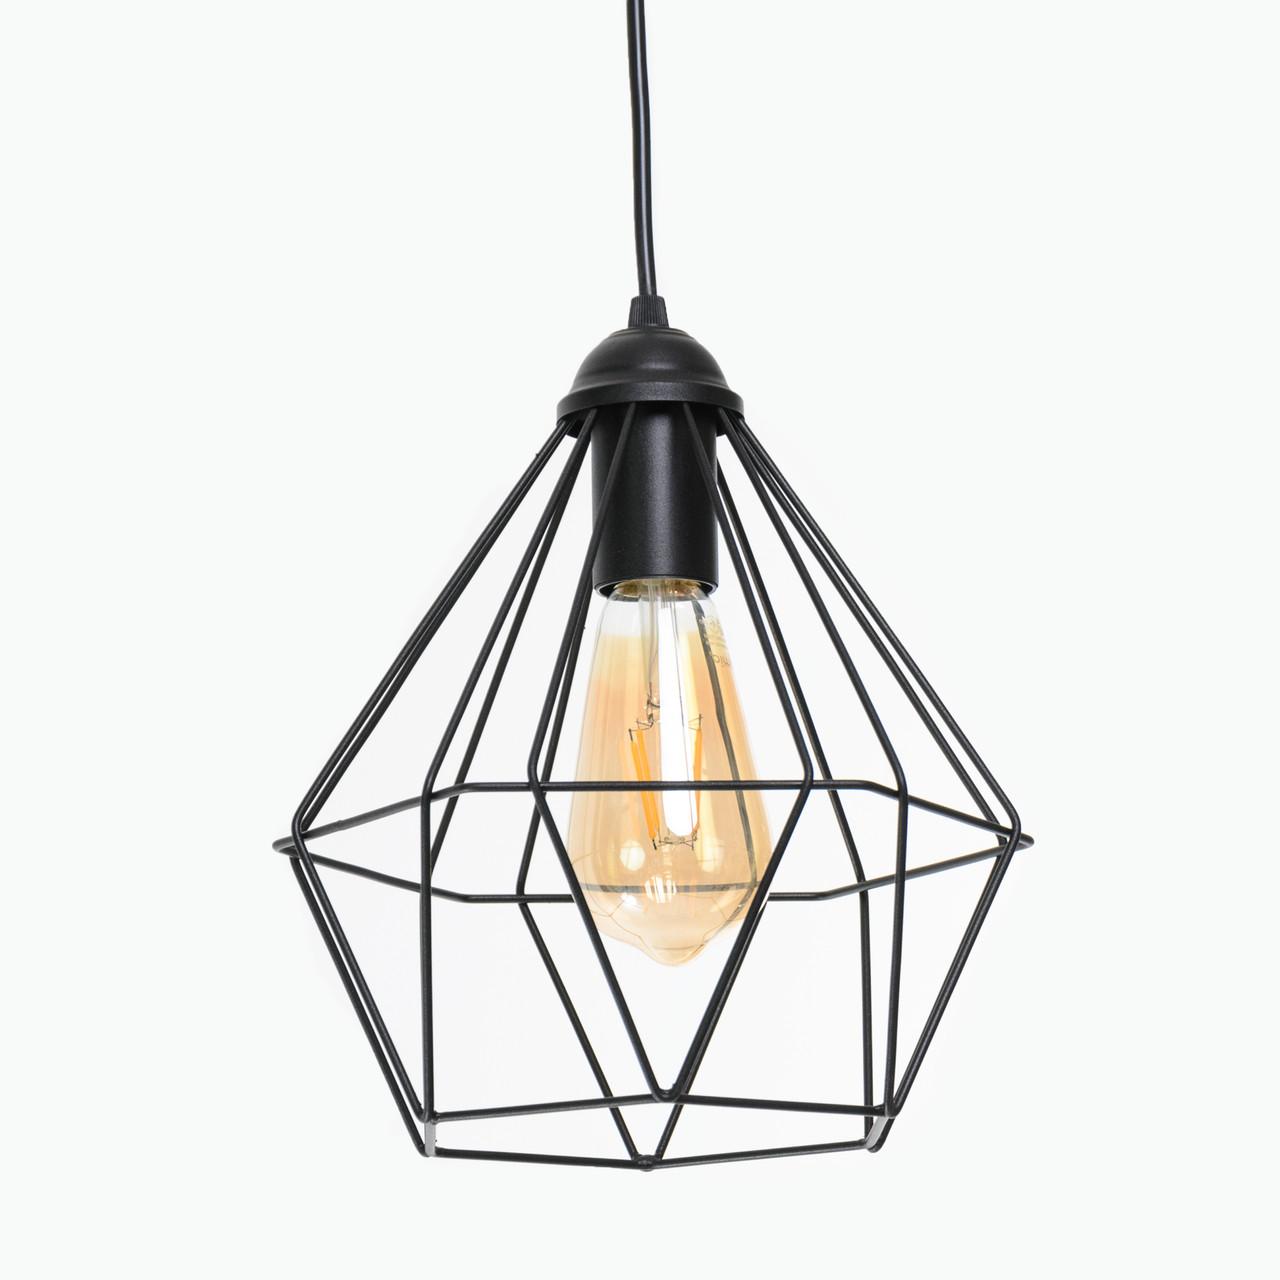 Светильник потолочный Atmolight Crystal P235 Черный (1336)